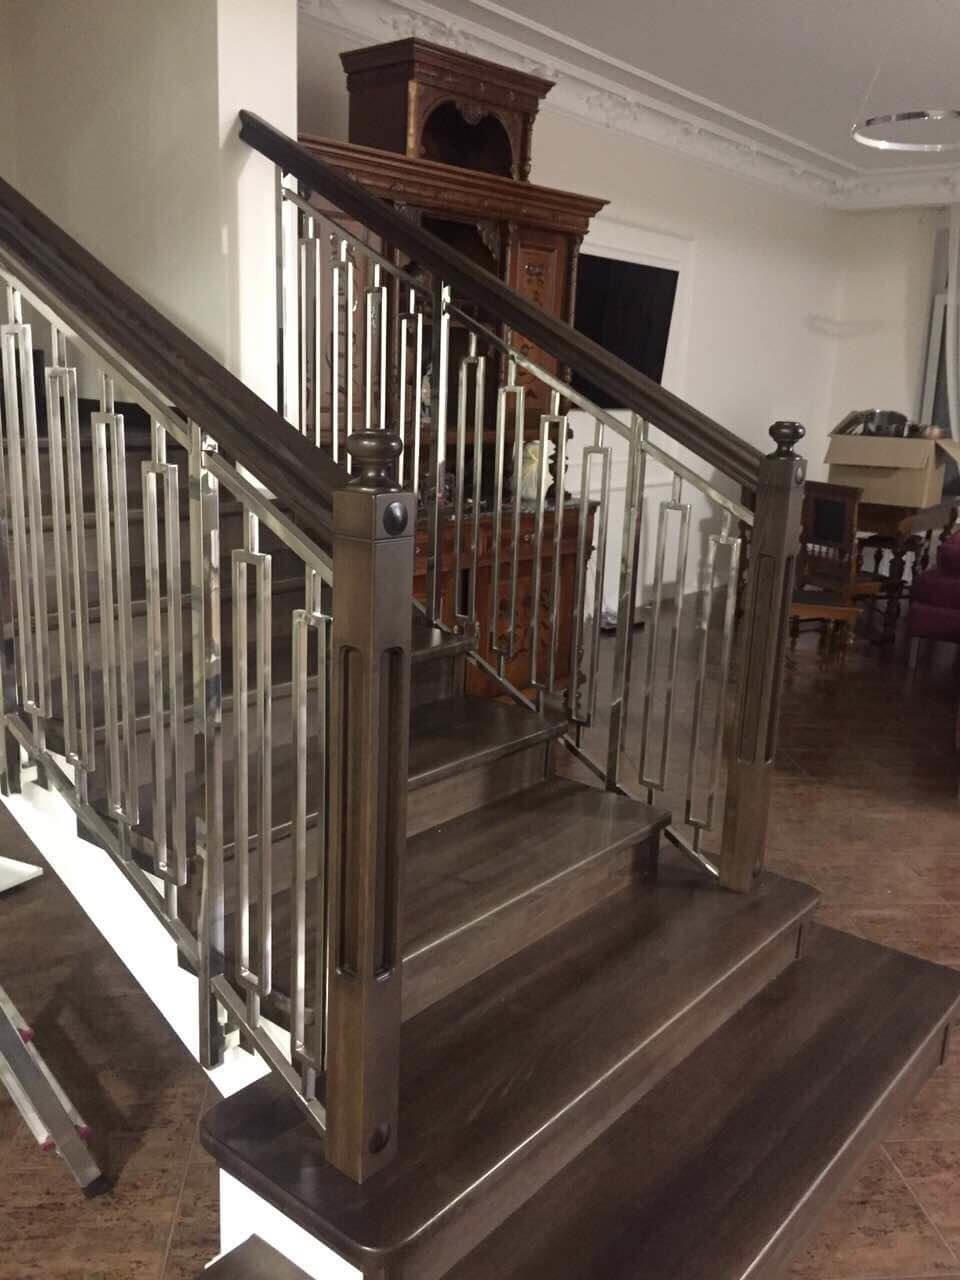 Практичность и эстетика - идеальное сочетание деревянной лестницы, фото-2